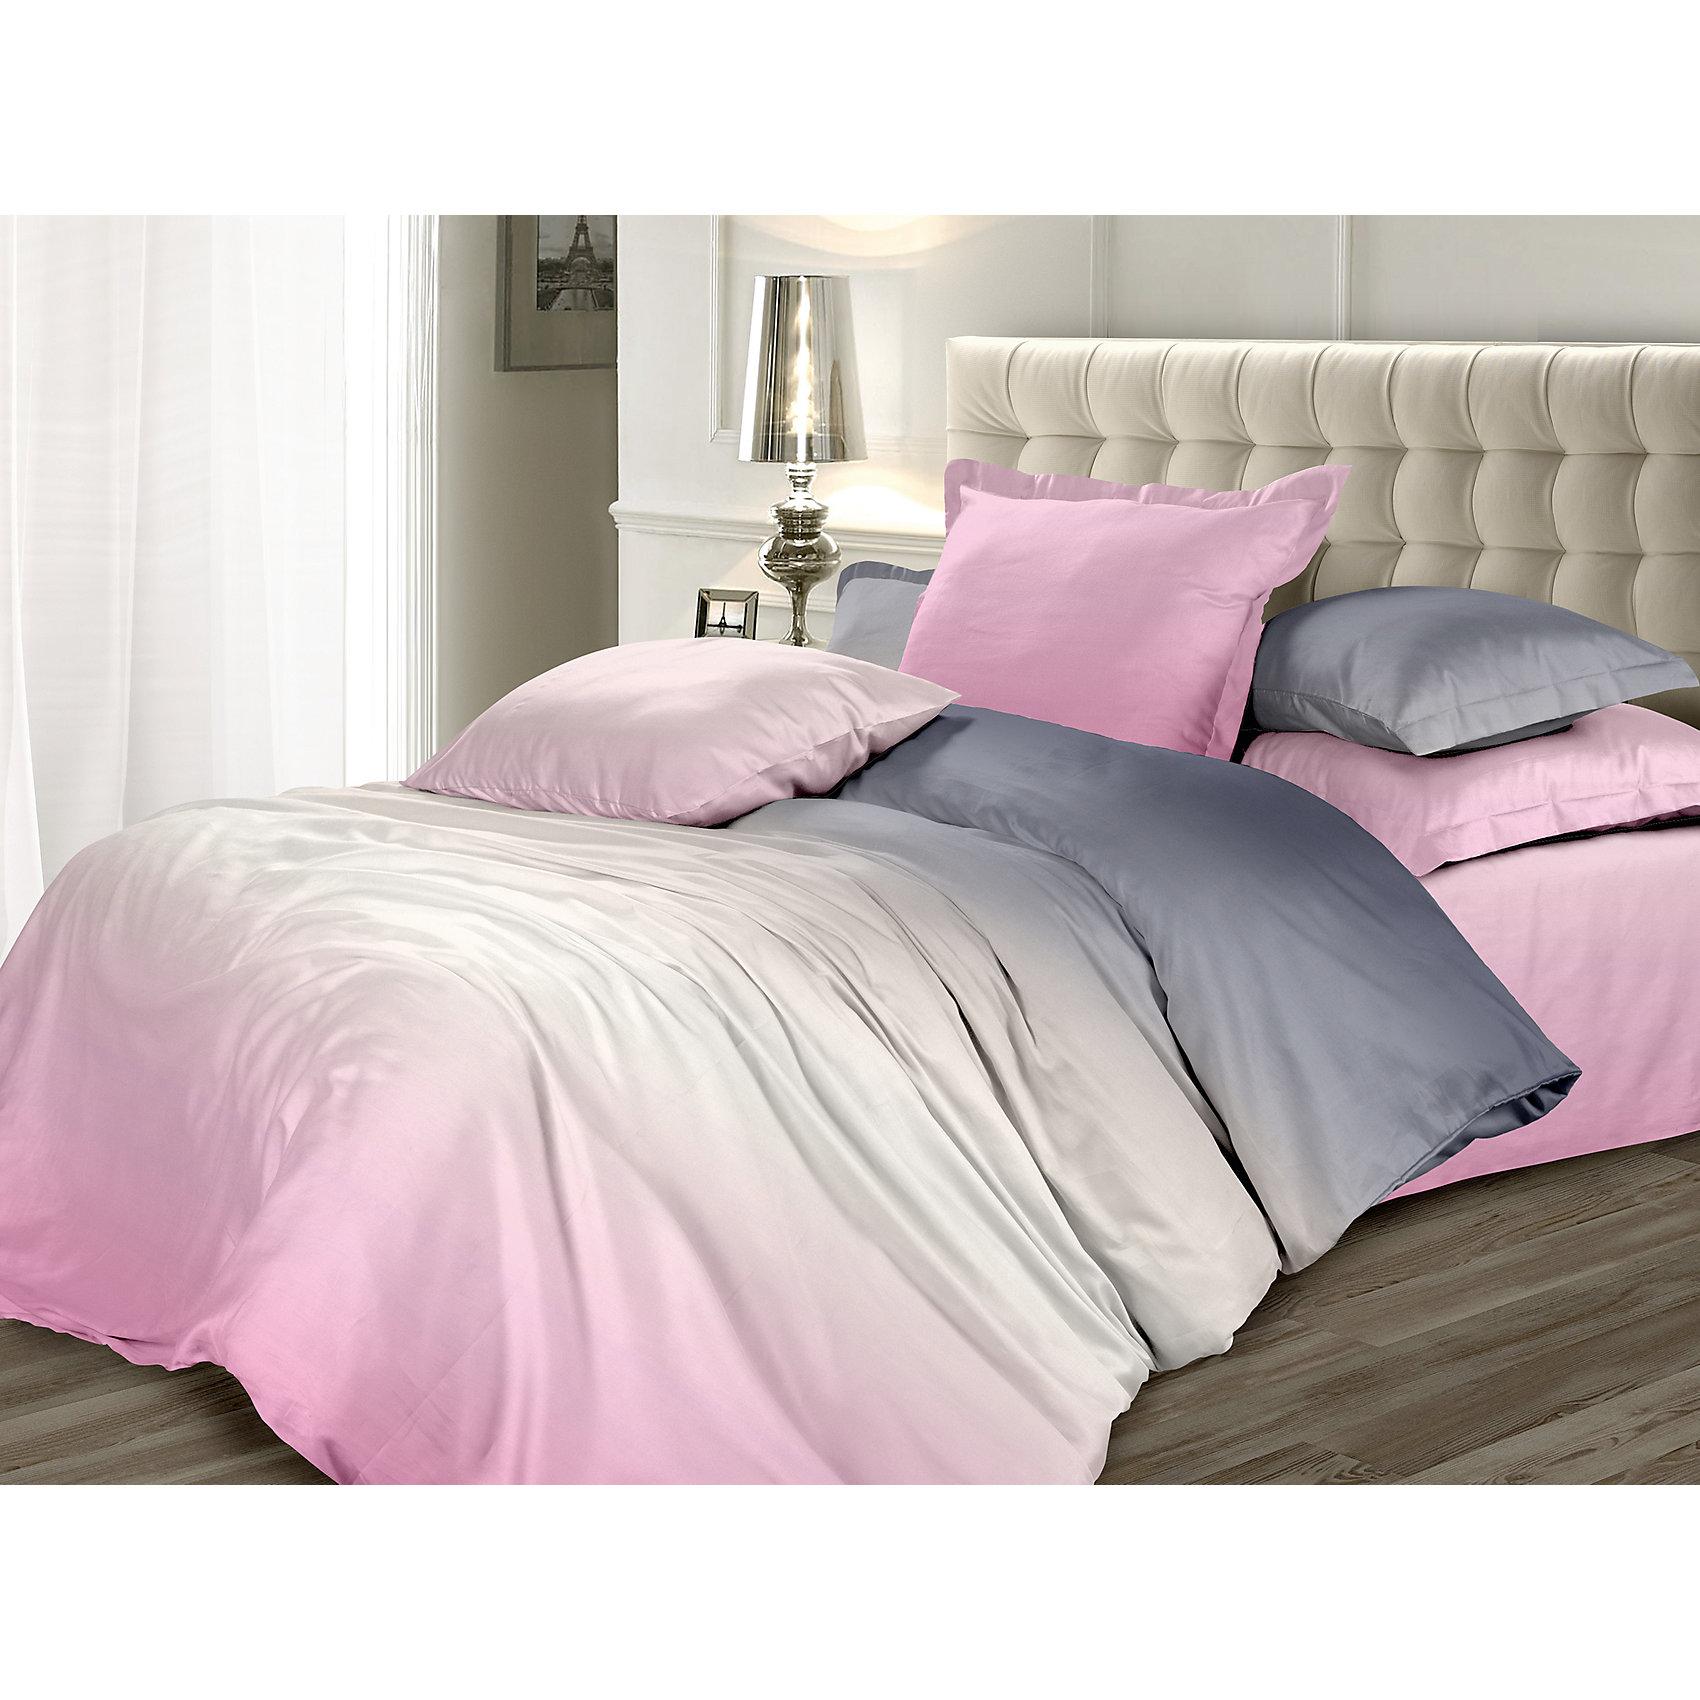 Унисон Постельное белье 2,0 Розовый Зефир, Унисон, сатин унисон постельное белье 2 0 домани сатин унисон